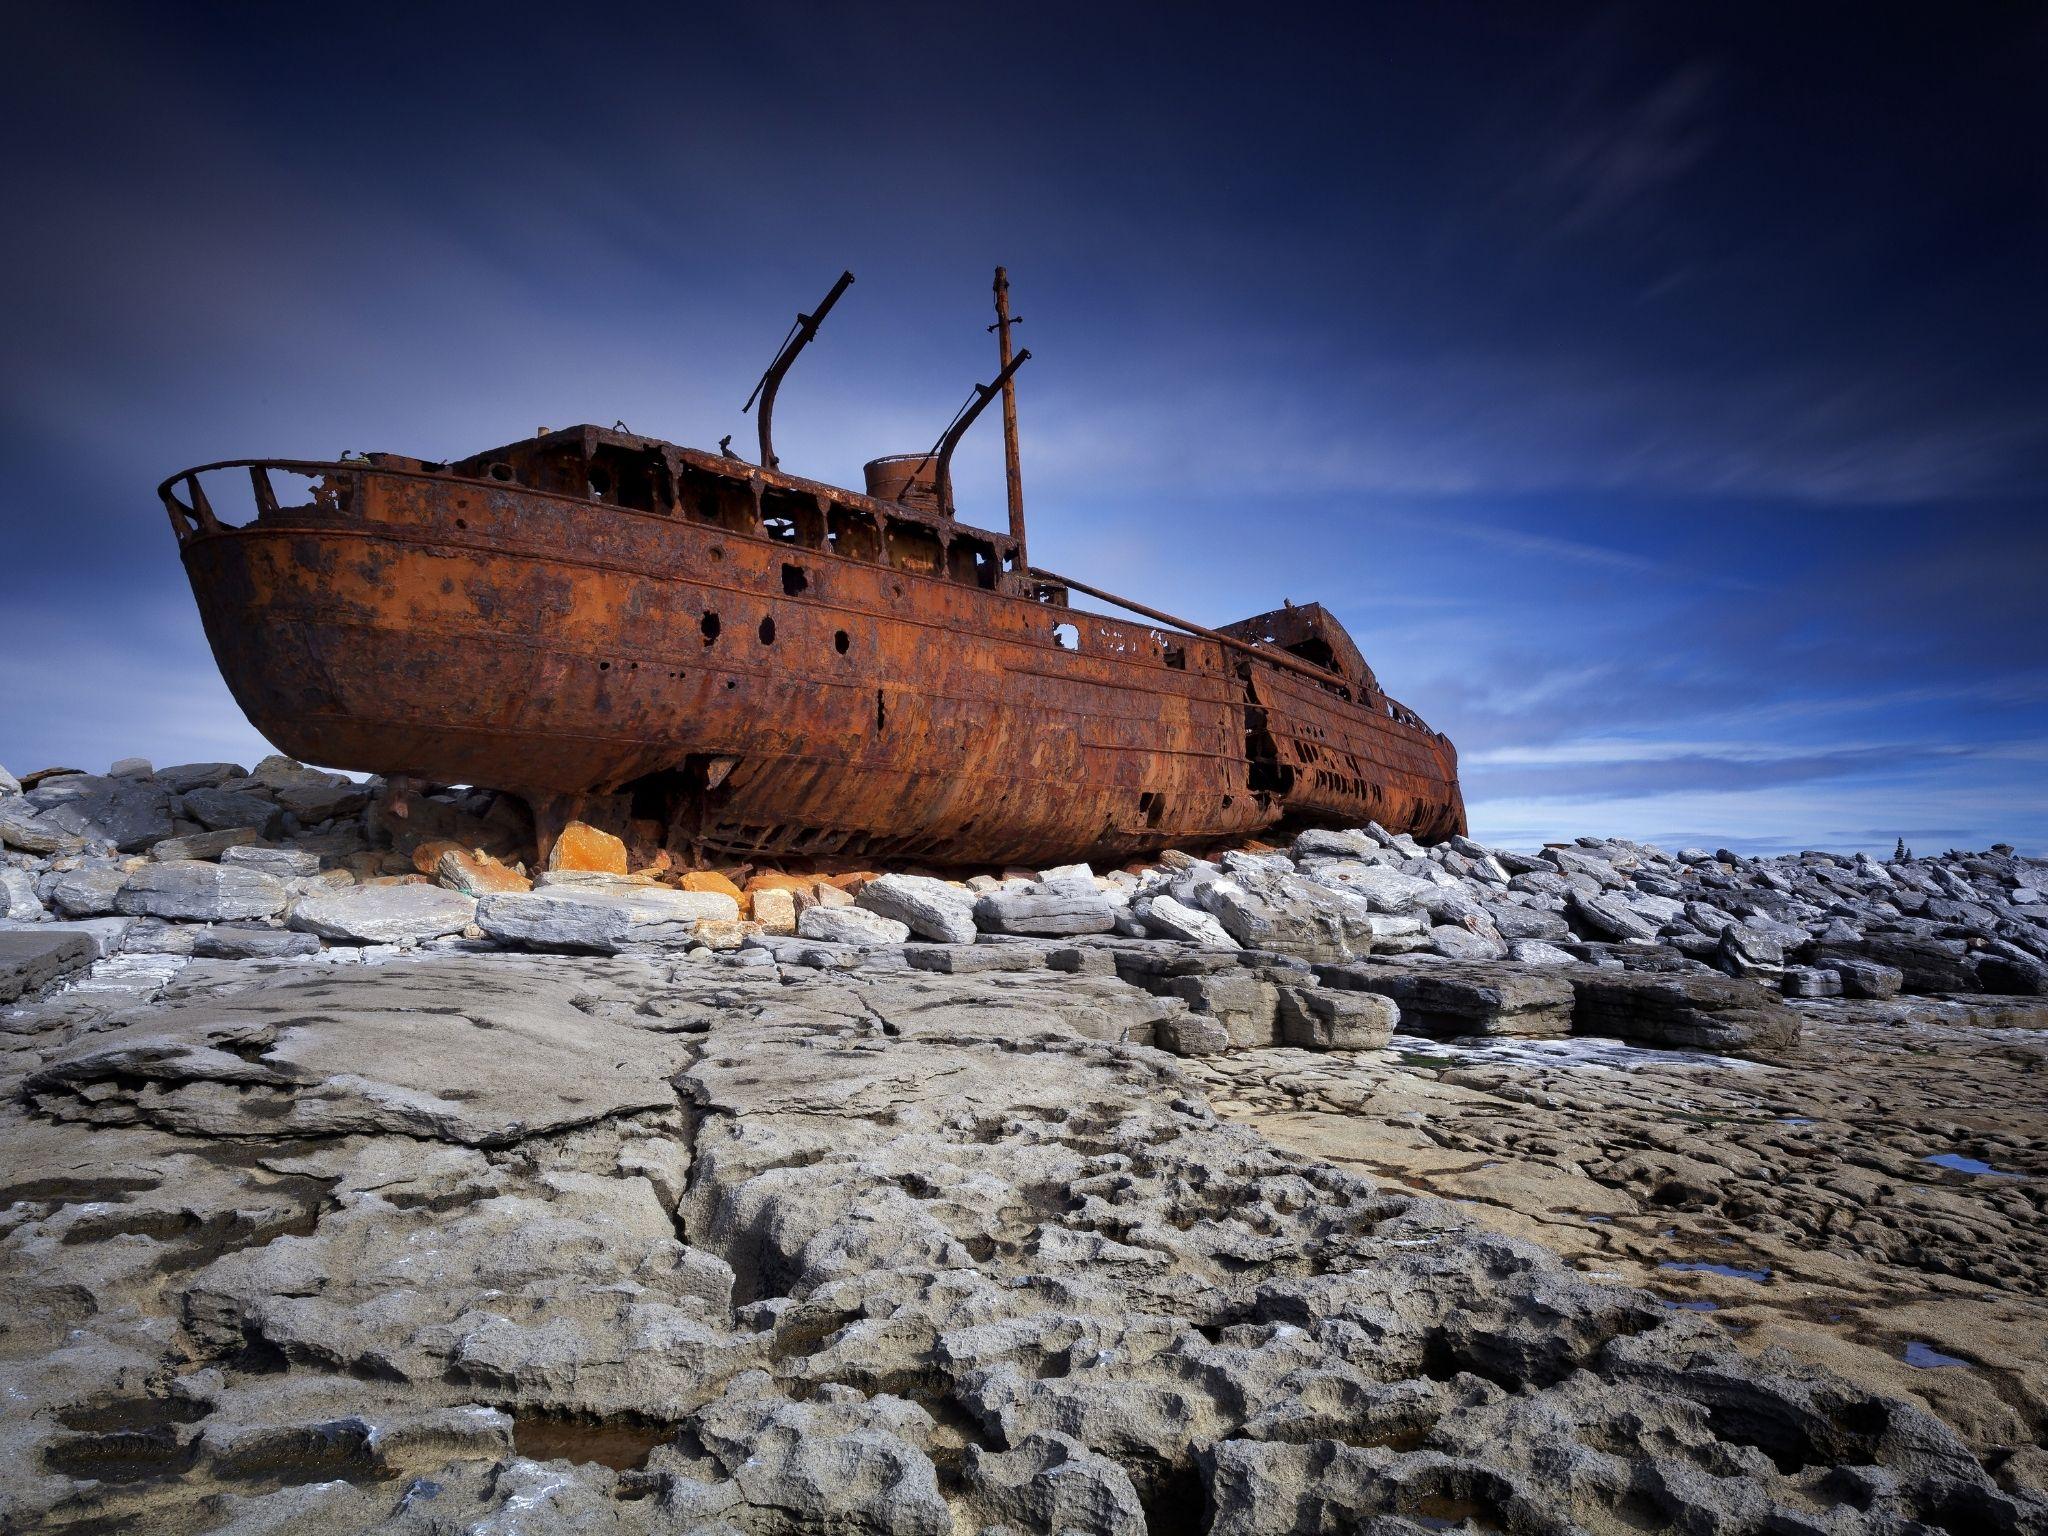 MV Plassey Shipwreck